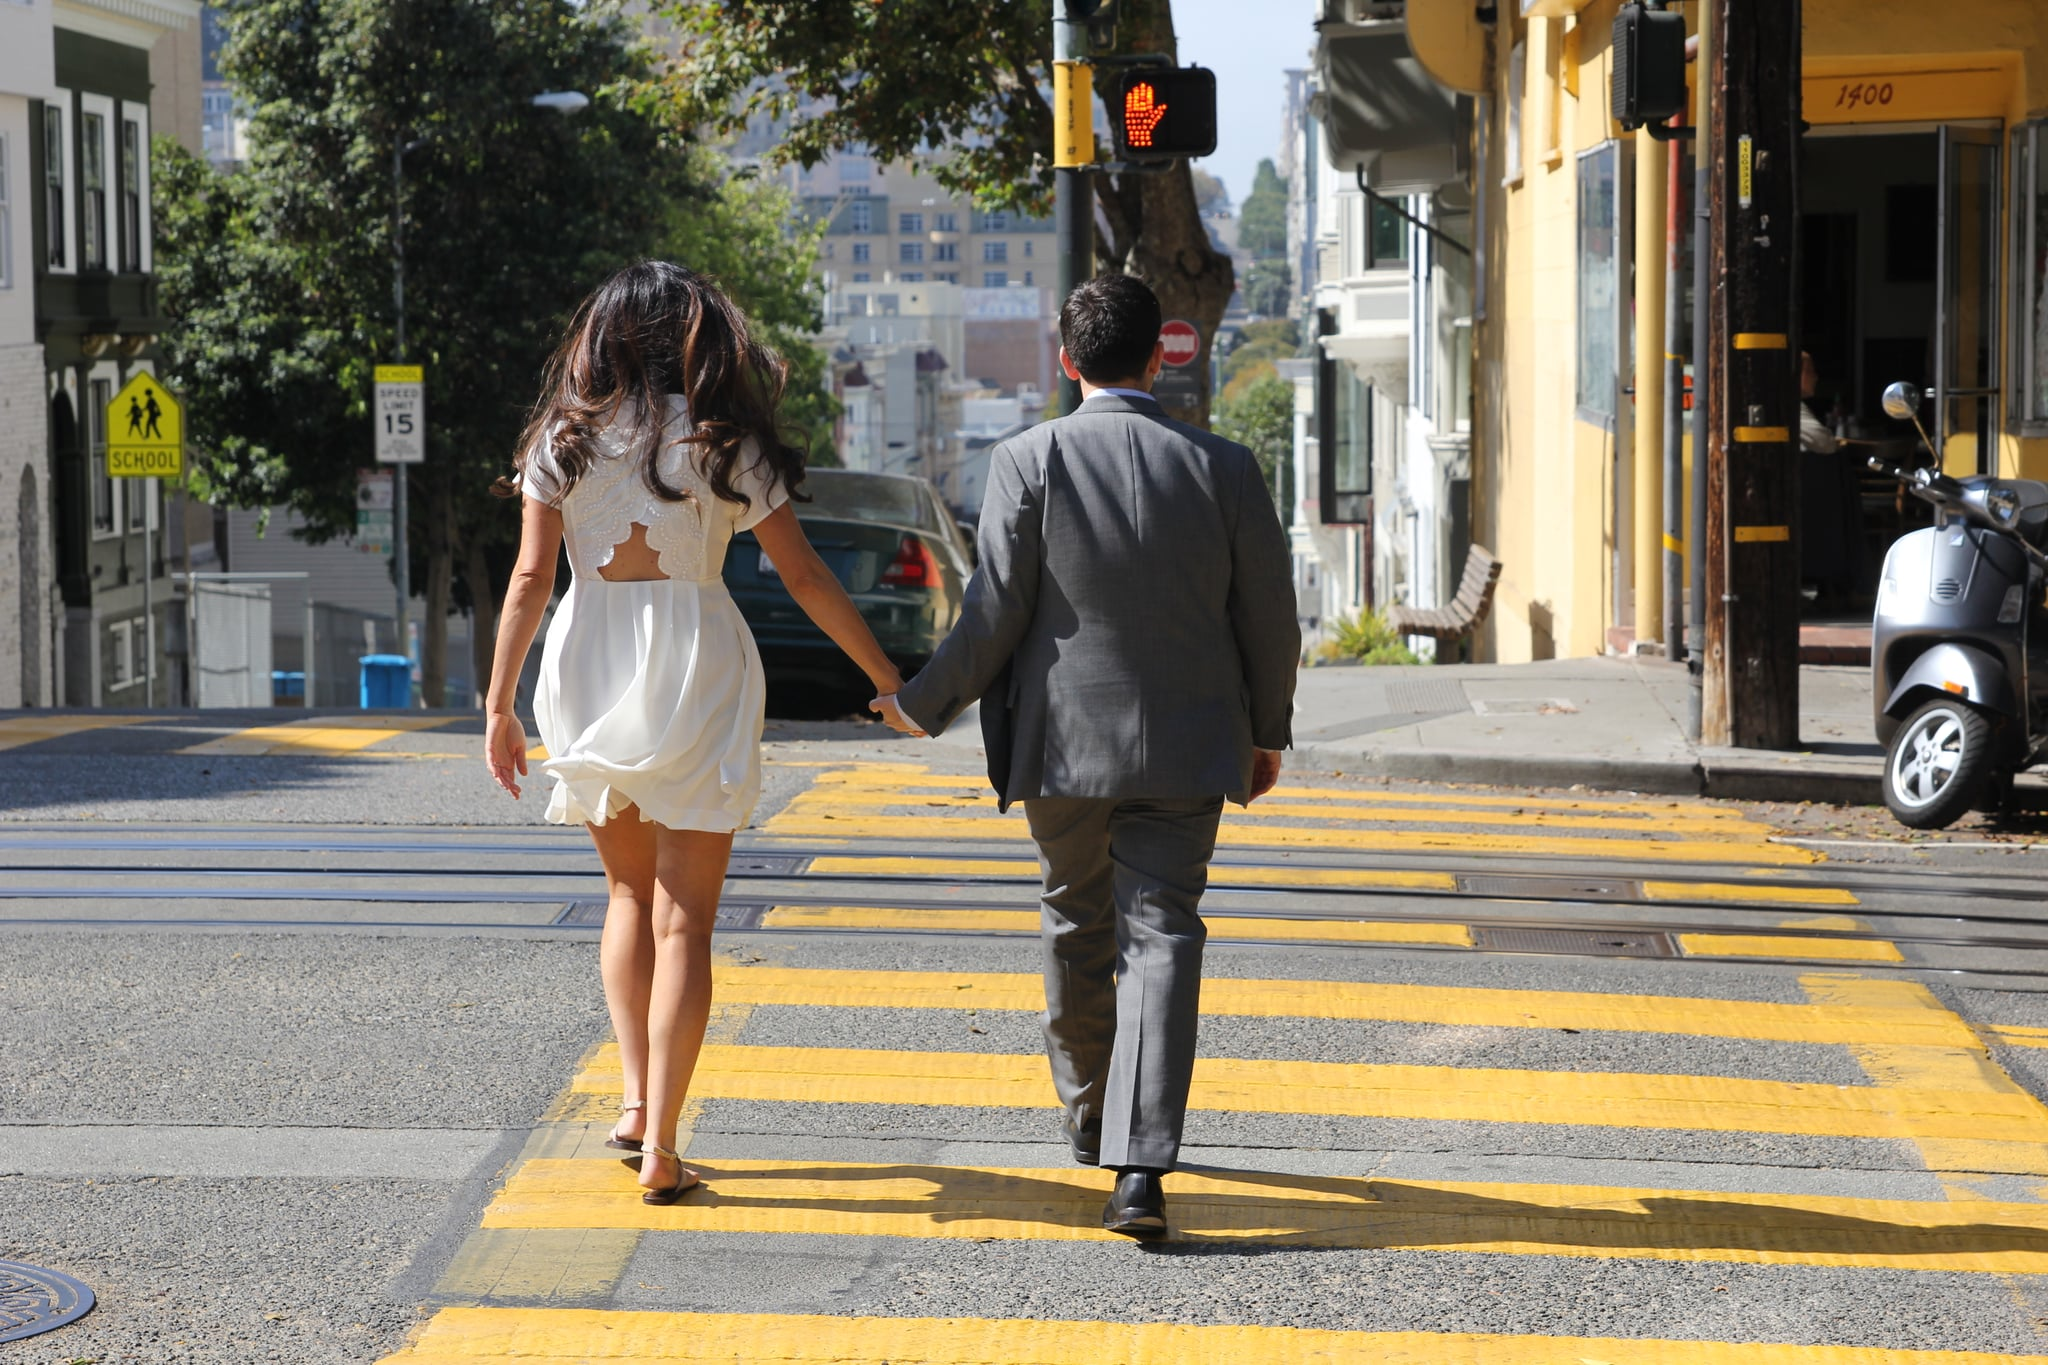 dating advice early twenties